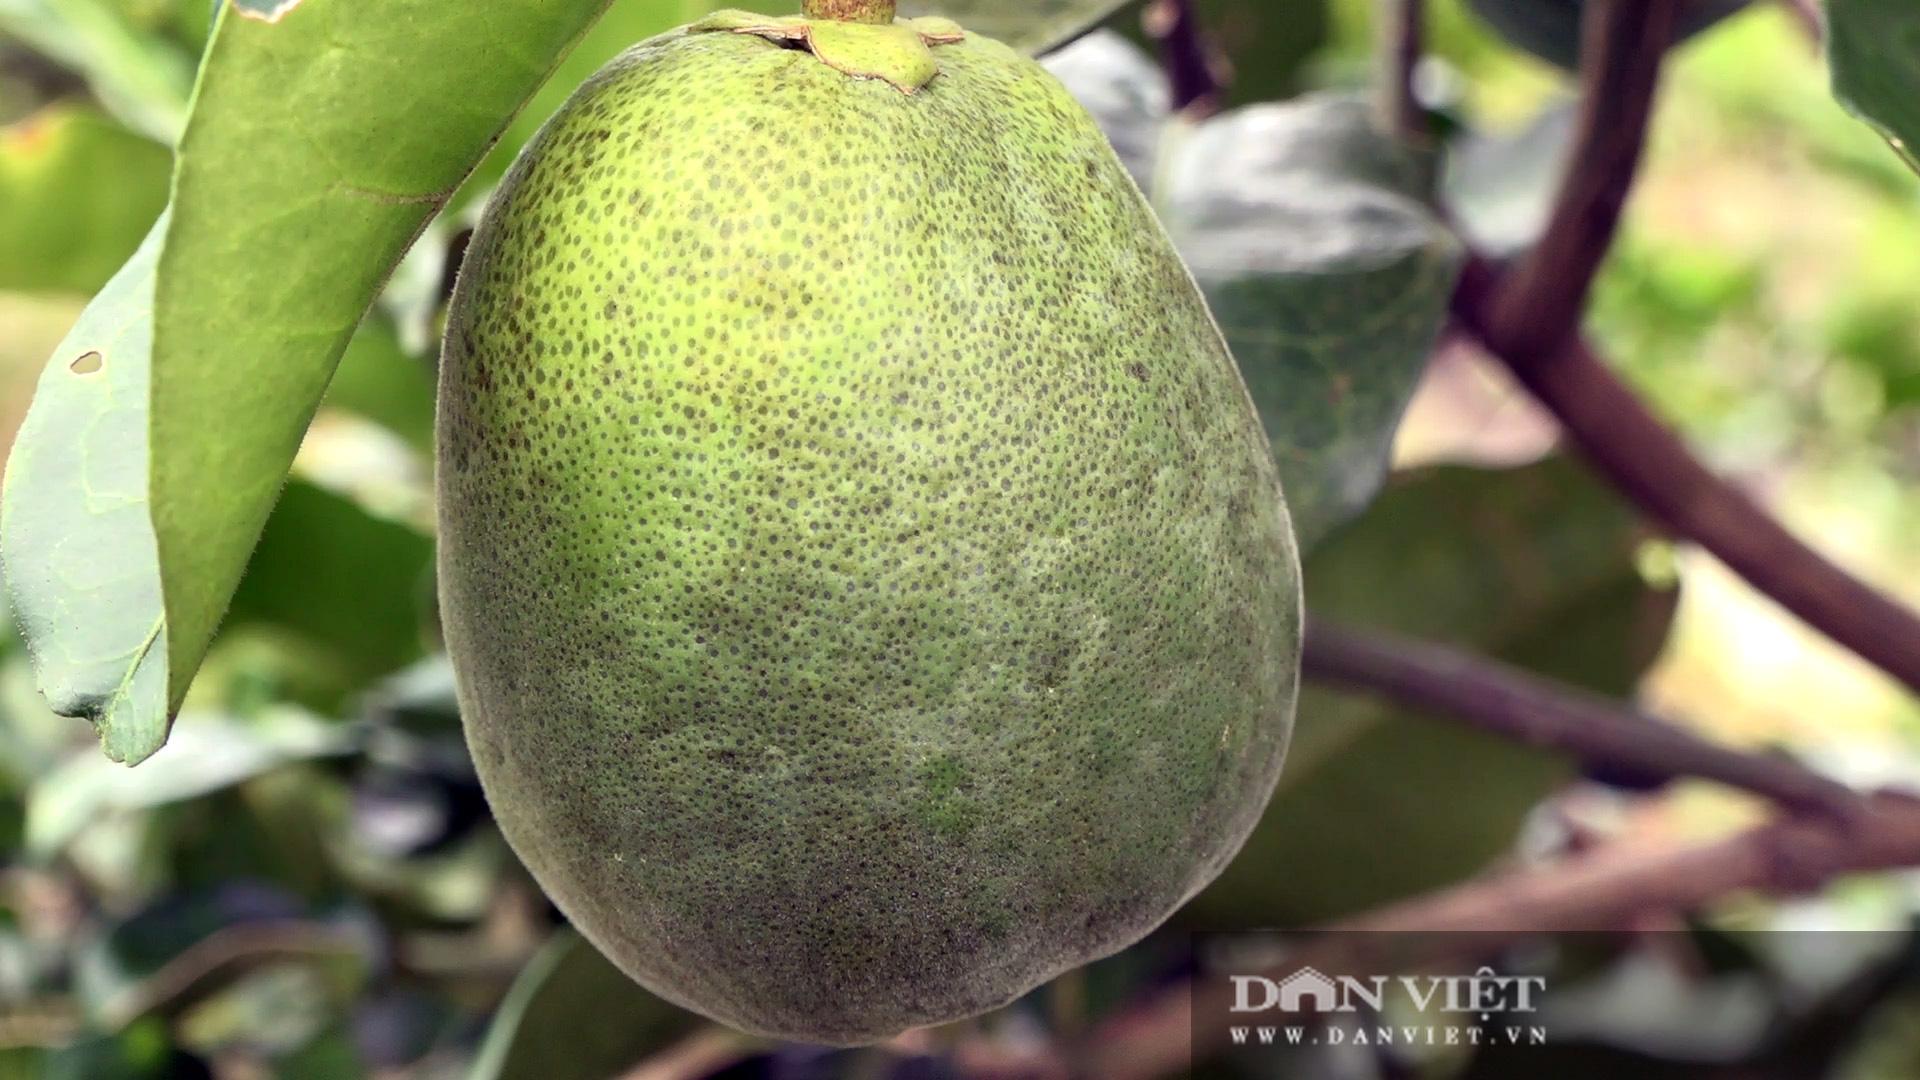 Hậu Giang: Người dân được giao giống bưởi Năm Roi nhưng trồng ra trái bưởi Lông Cổ Cò, đơn vị cung cấp giống xin lỗi - Ảnh 2.